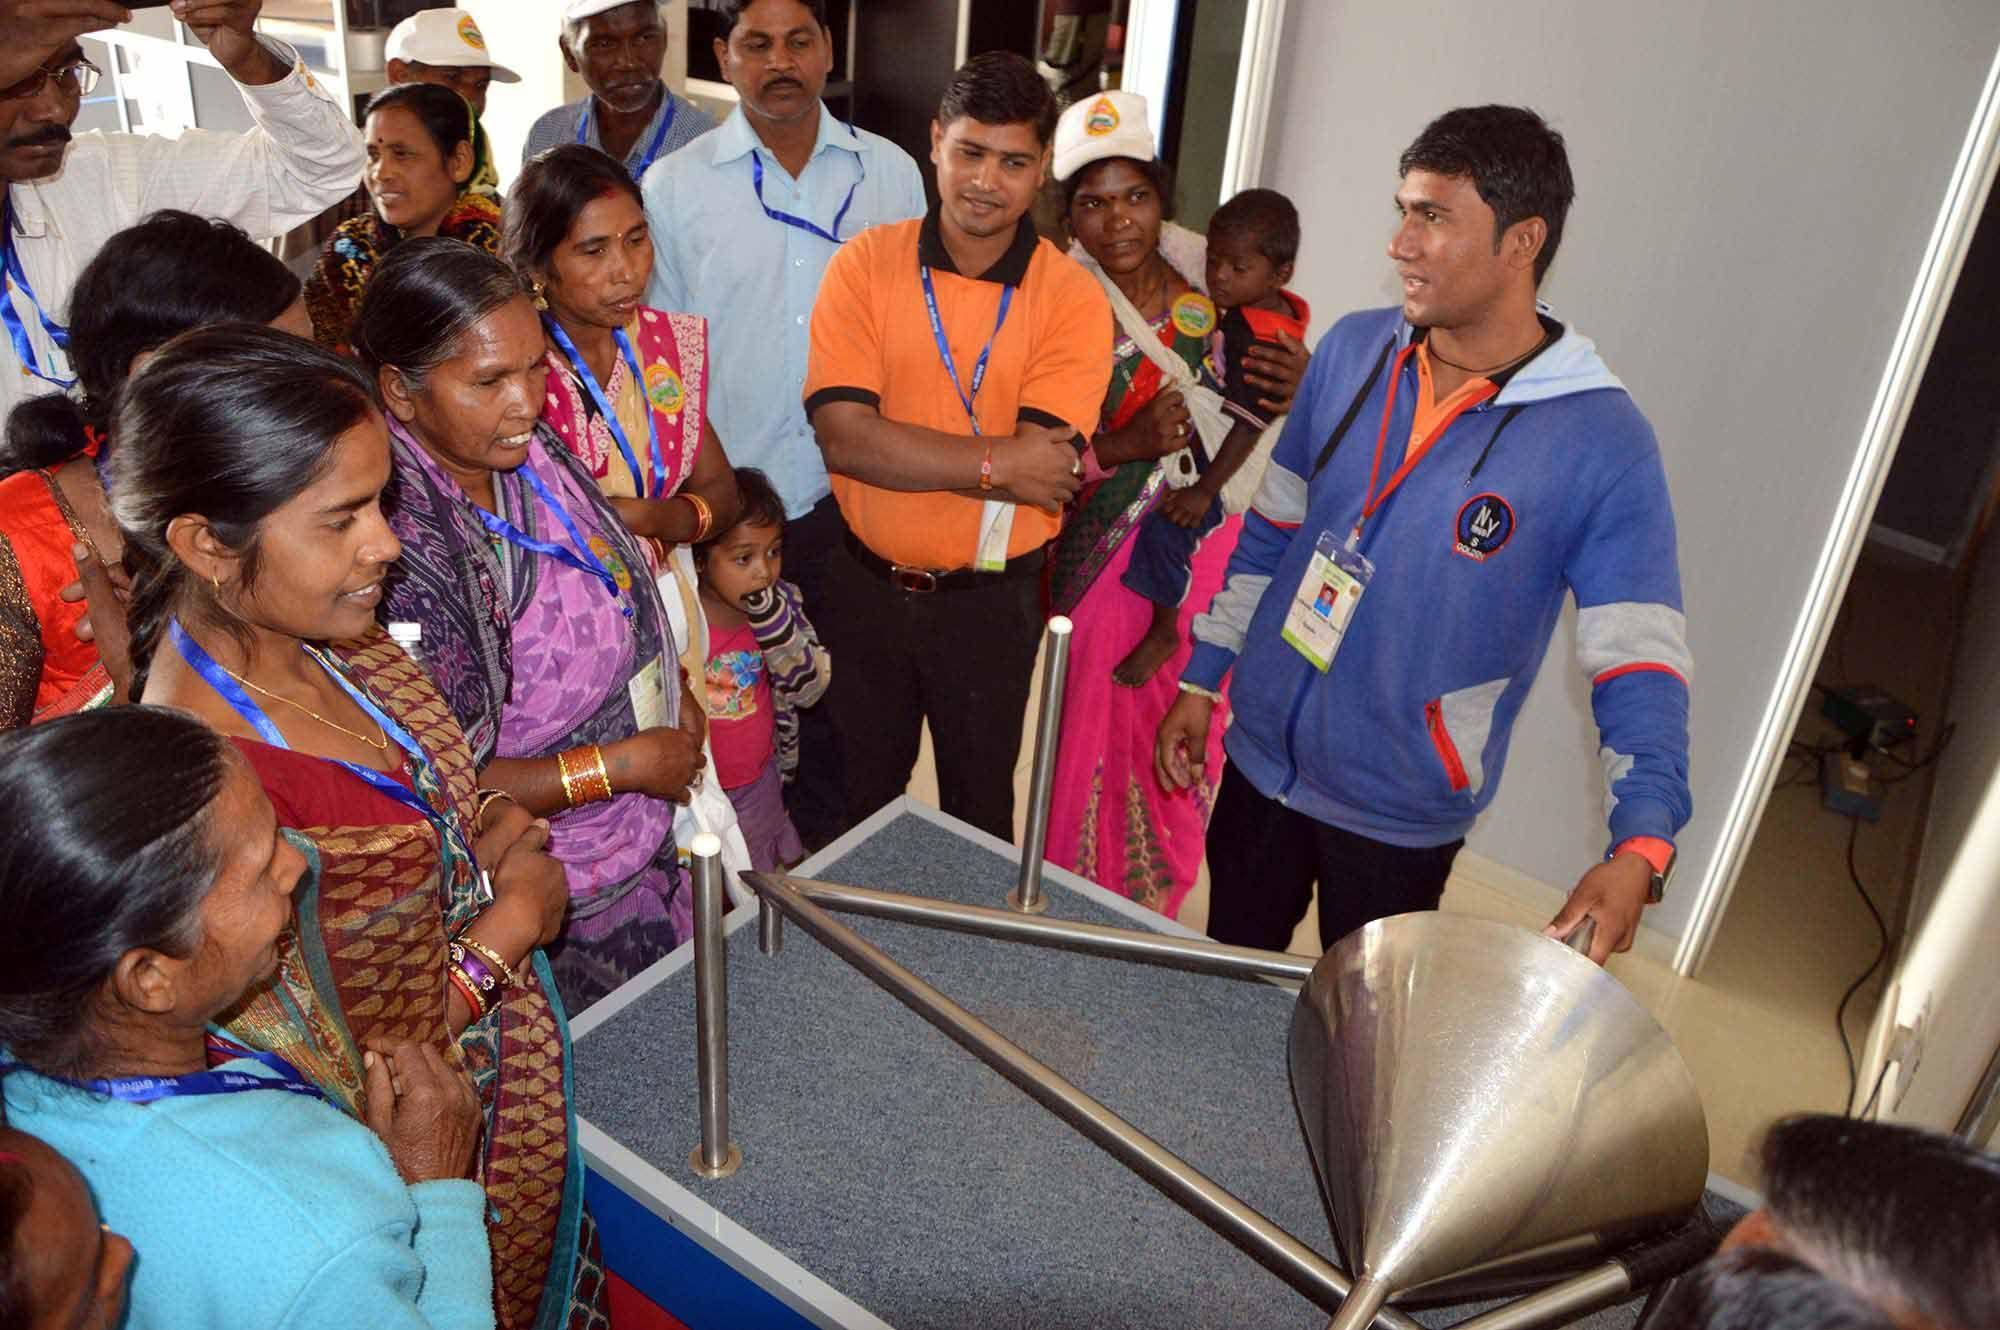 देश-विदेश के वैज्ञानिकों द्वारा किए गए विज्ञान प्रयोगों के बारे में जानने के लिए रायगढ़ जिले के पंचायत प्रतिनिधि पहुंचे छत्तीसगढ़ साइंस सेंटर. जहाँ उन्होंने हवा में उड़ती गेंद, जादुई पानी का नल, अनंत कुआं और मजाकिया दर्पण देख आनन्द लिया. छत्तीसढ़ के संसाधन तथा बस्तर के वाद्य यंत्रों की मधुर आवाज ने उन्हें बेहद लुभाया.